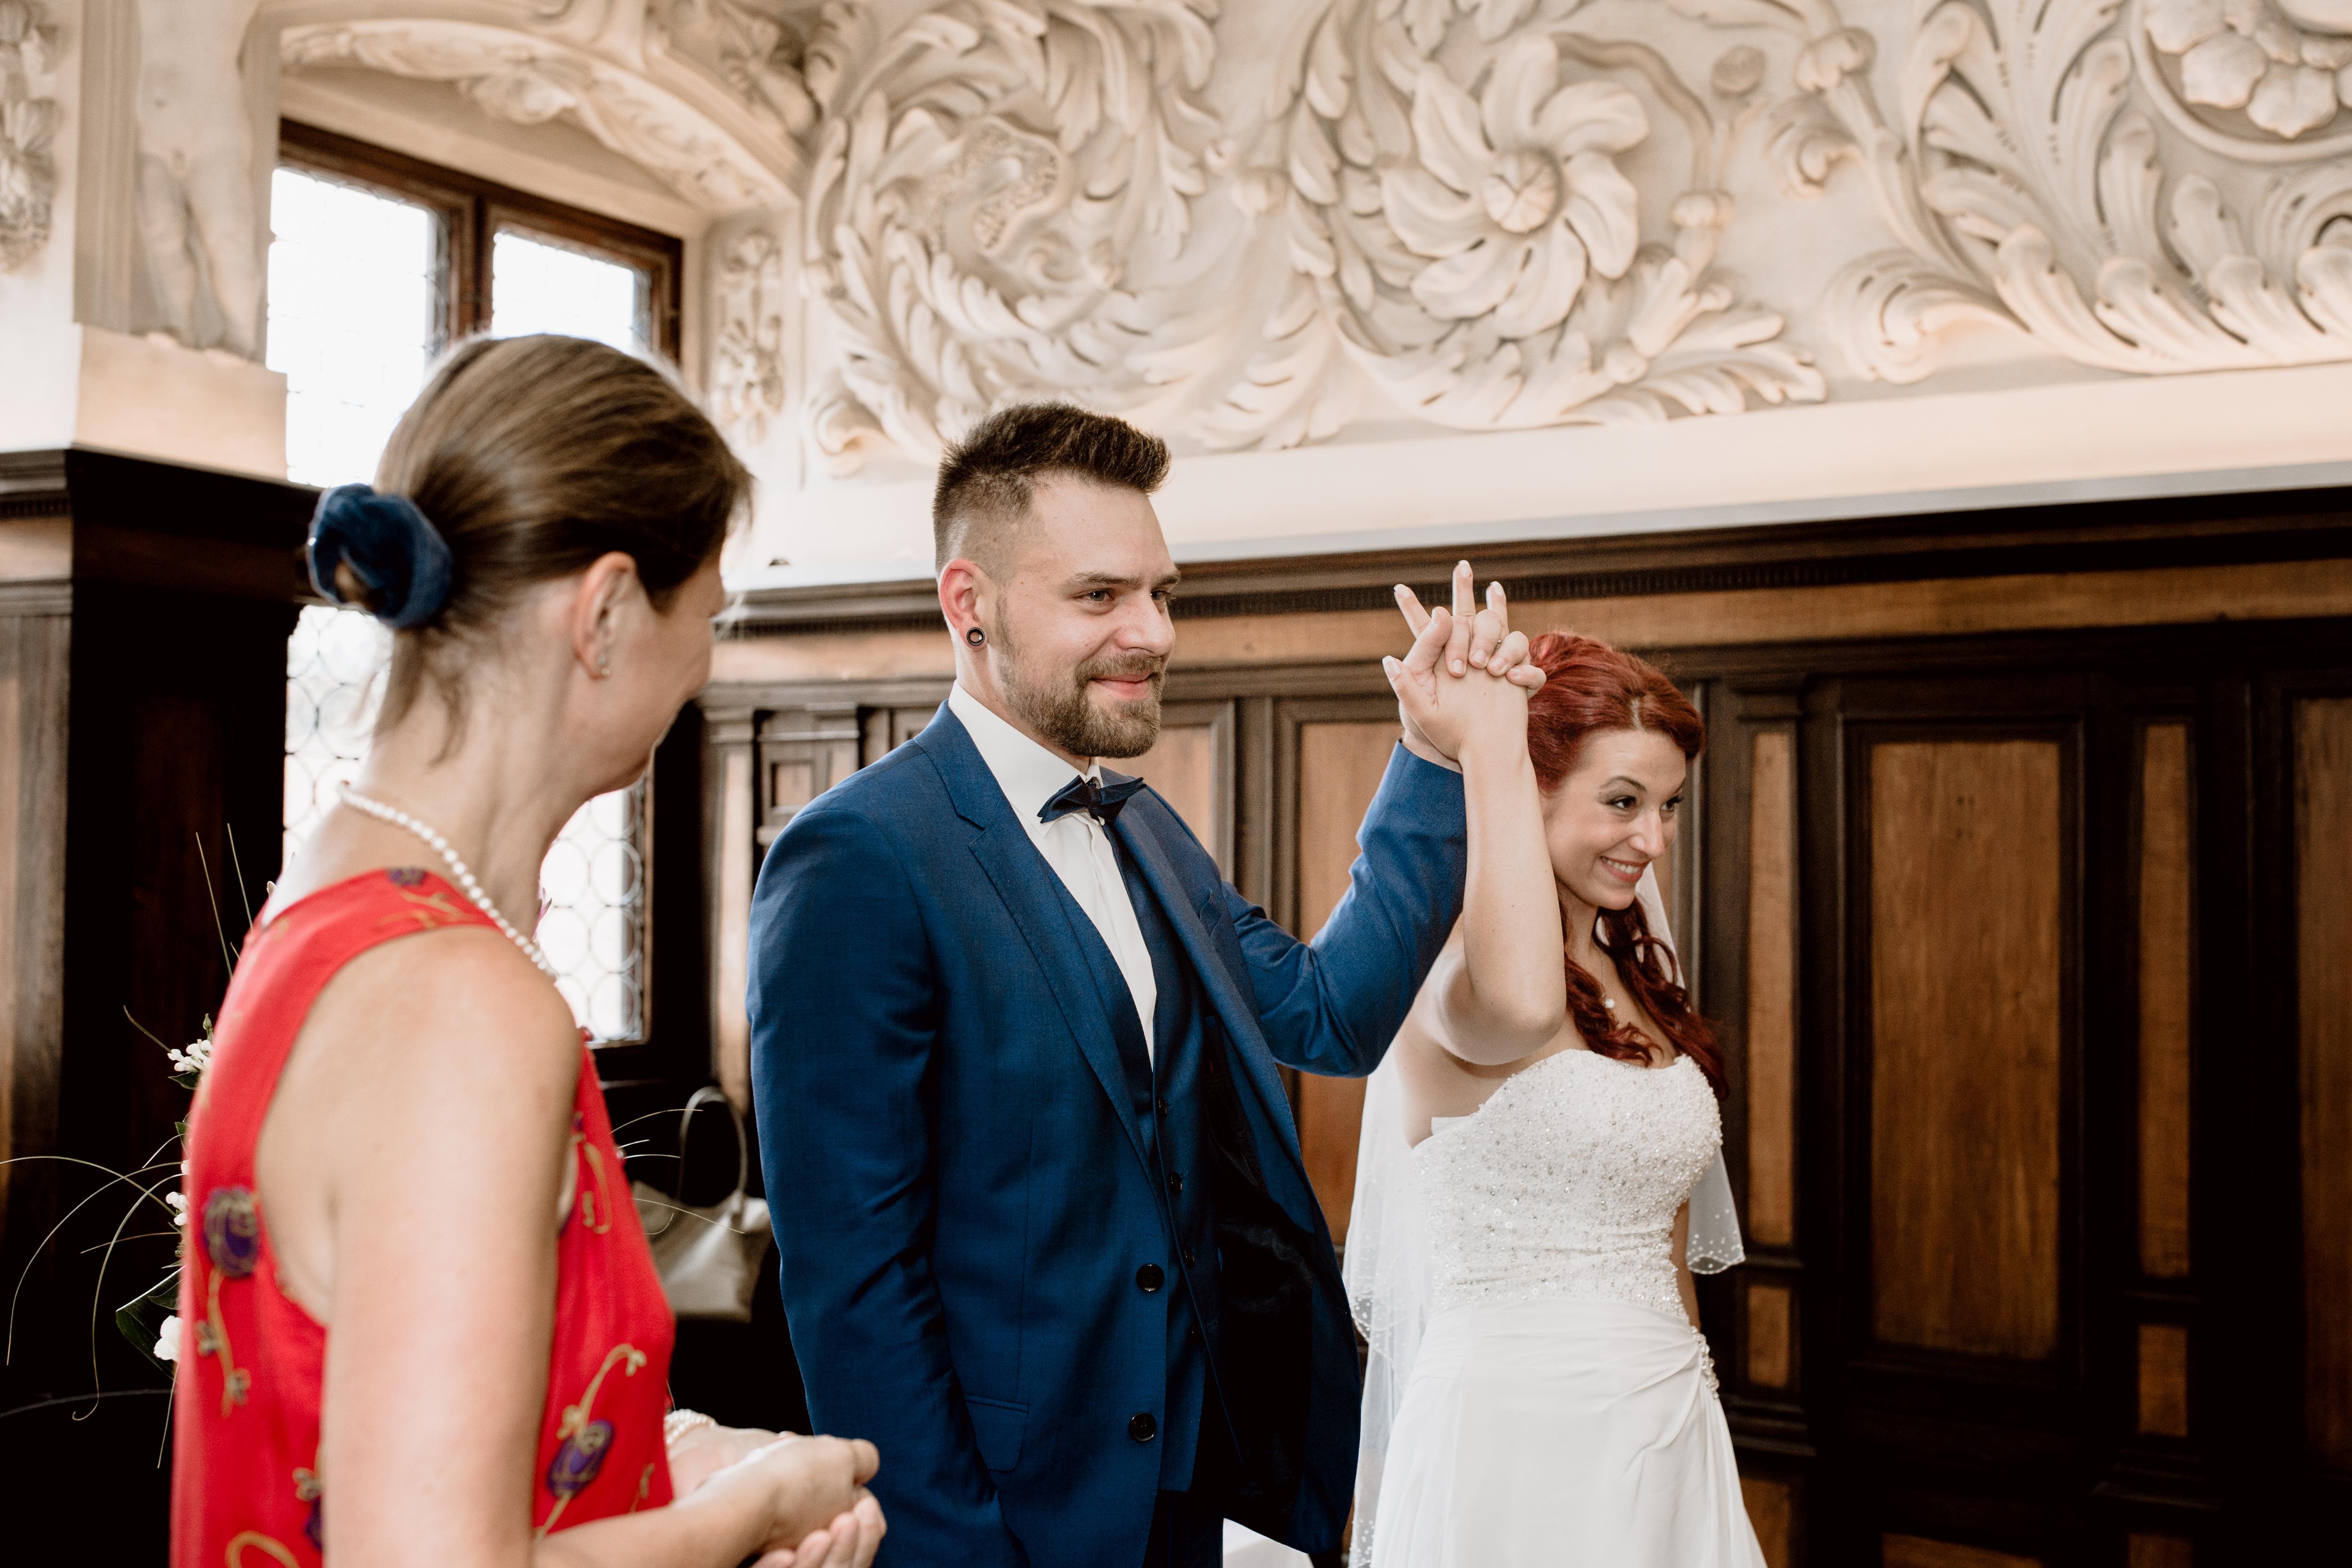 URBANERIE_Hochzeitsfotografin_Nürnberg_Fürth_Erlangen_Schwabach_170630_0205